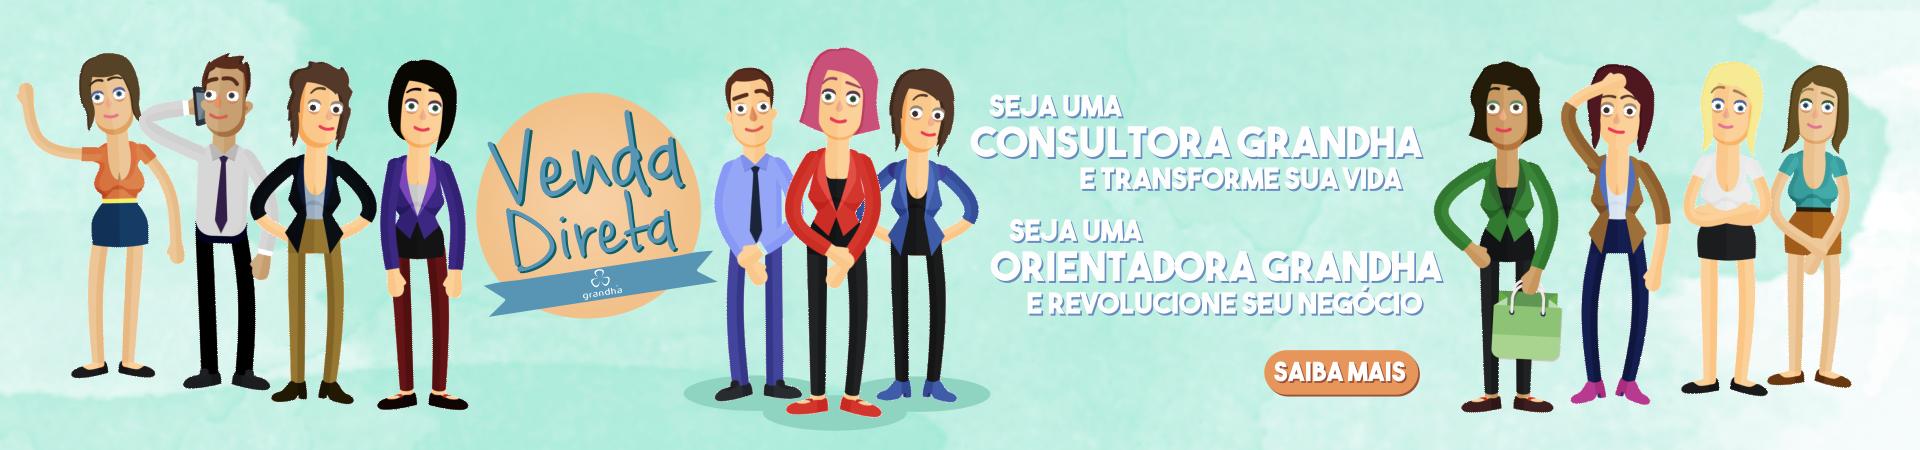 Grandha Venda Direta para consultoras e orientadoras.